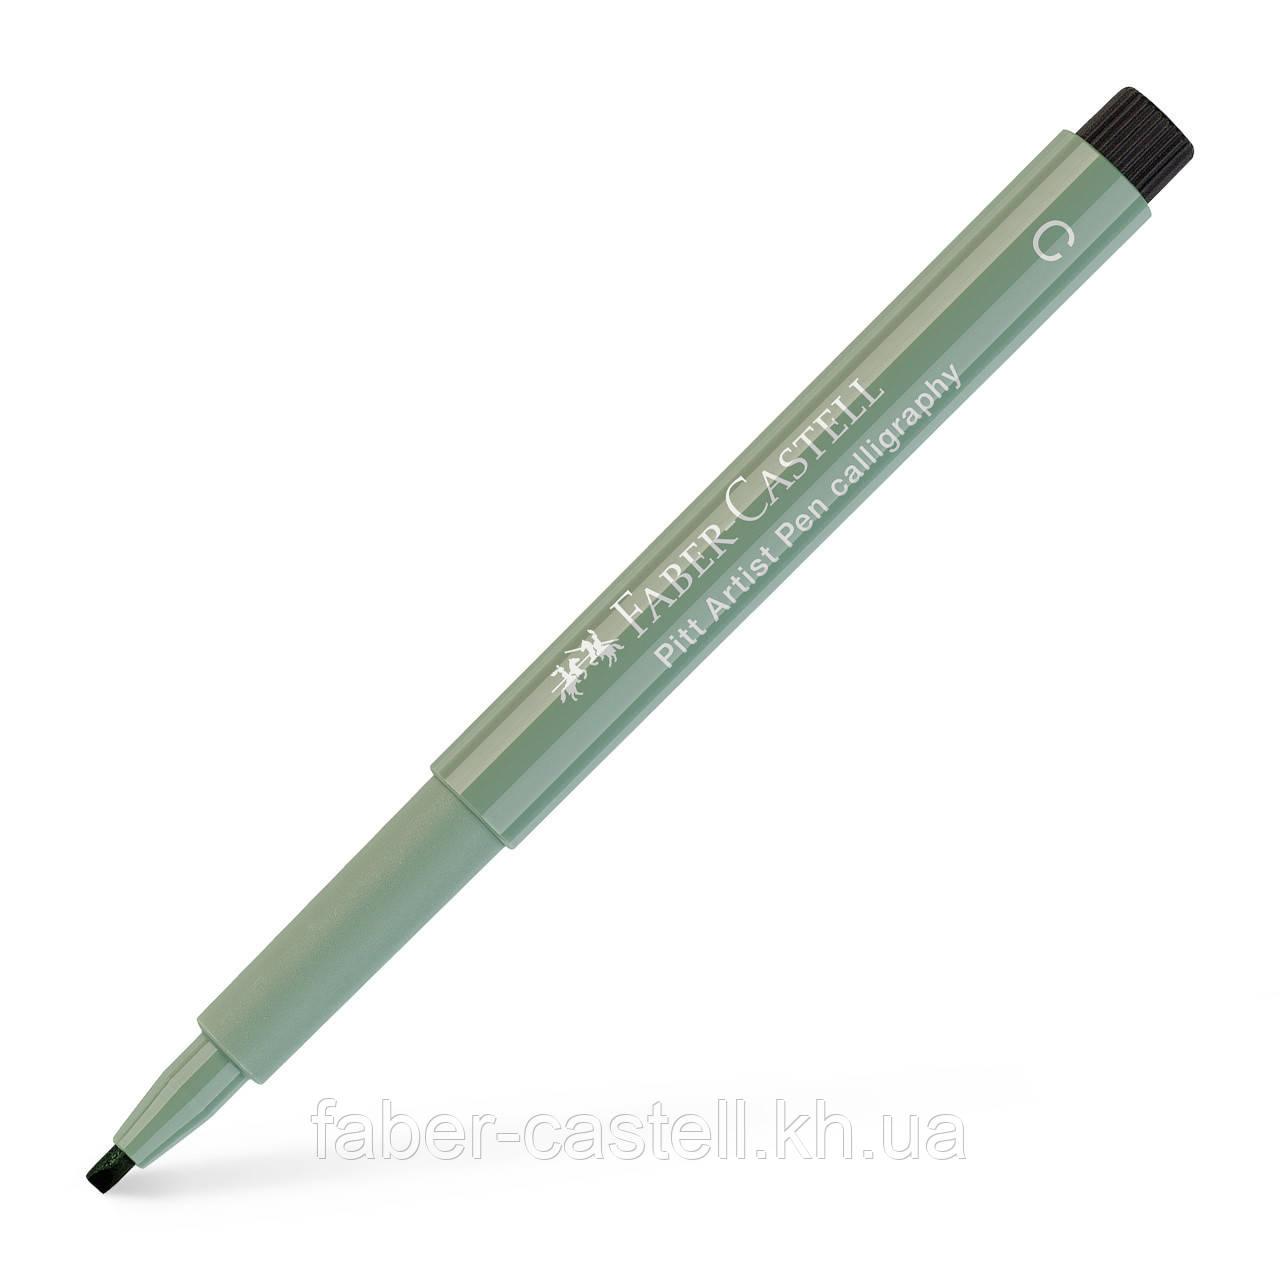 Ручка капиллярная для каллиграфии Faber-Castell PITT Calligraphy, цвет теплый серый III № 272, 167972